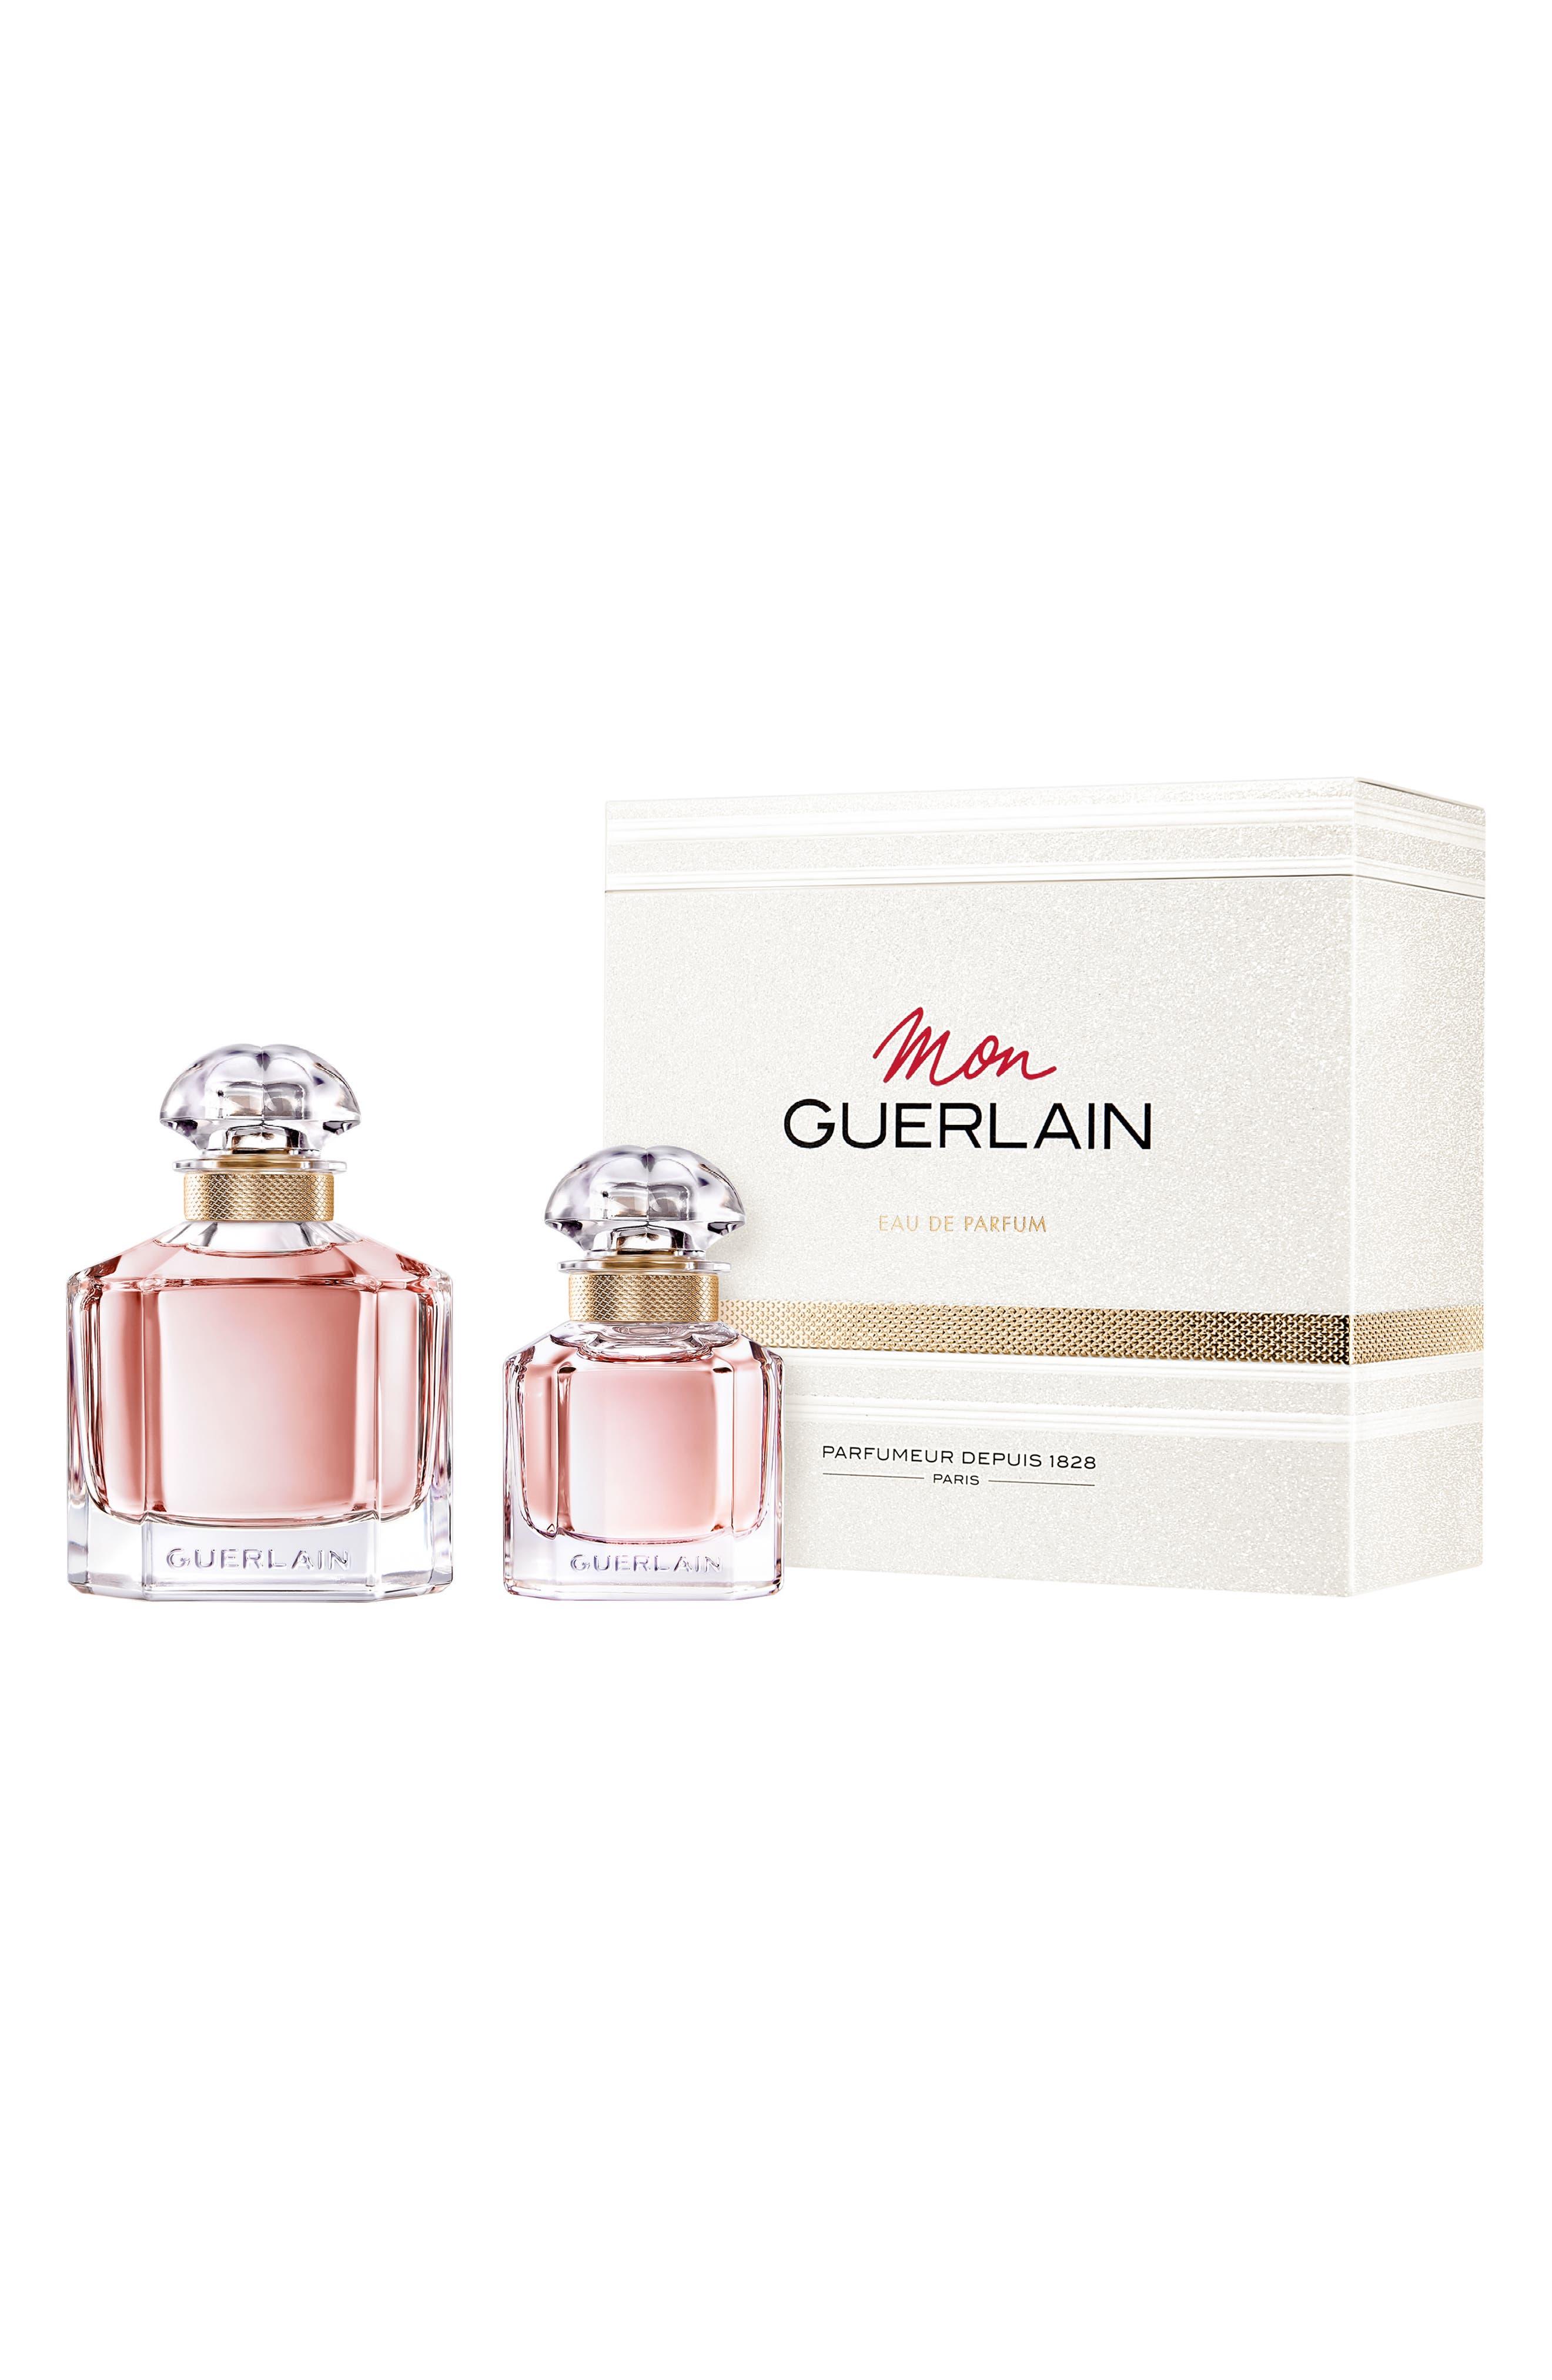 Guerlain Mon Guerlain Eau de Parfum Set ($124 Value)